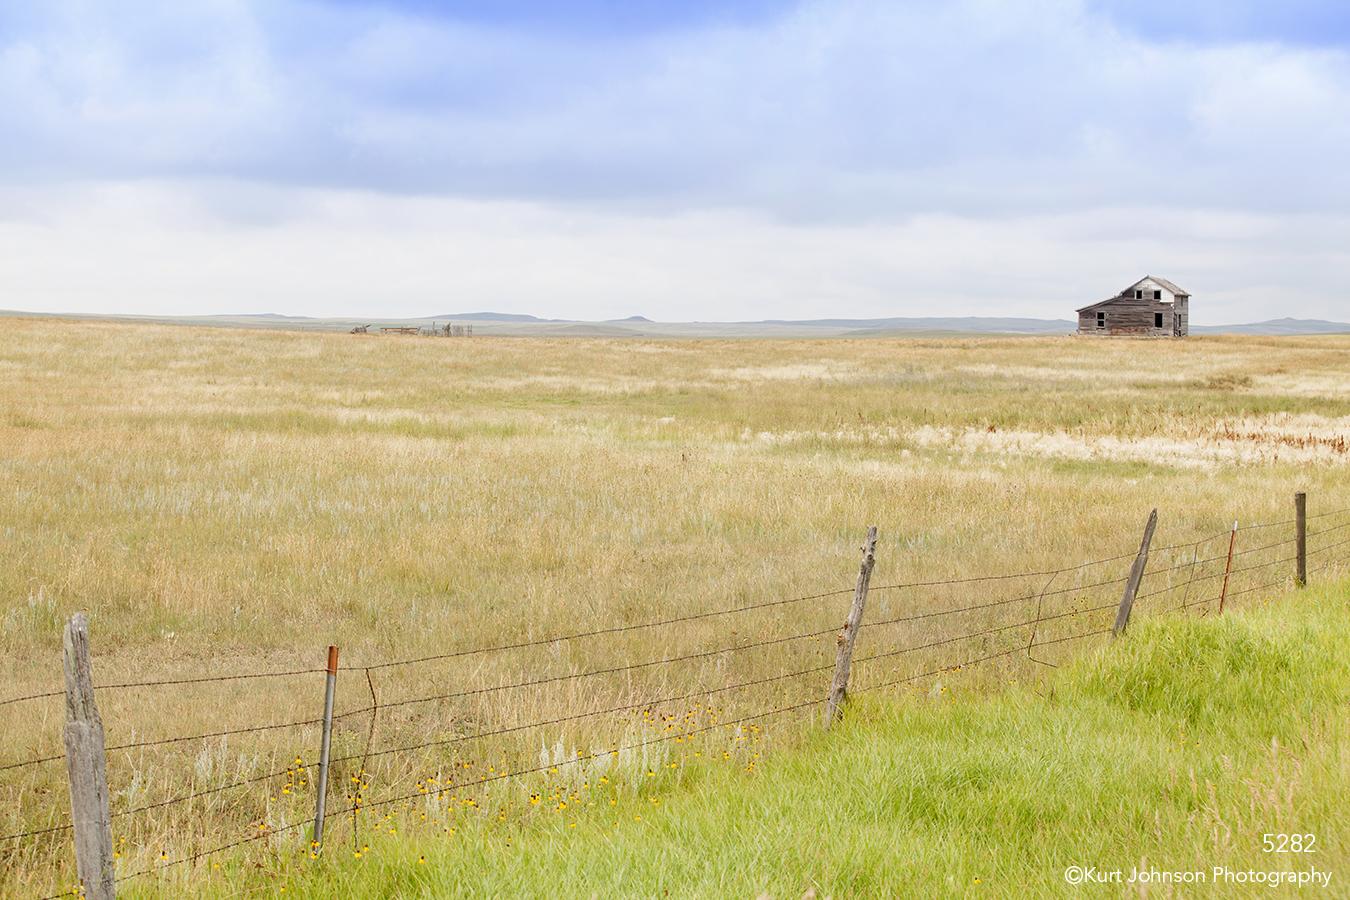 landscape grasses barn fences clouds rural